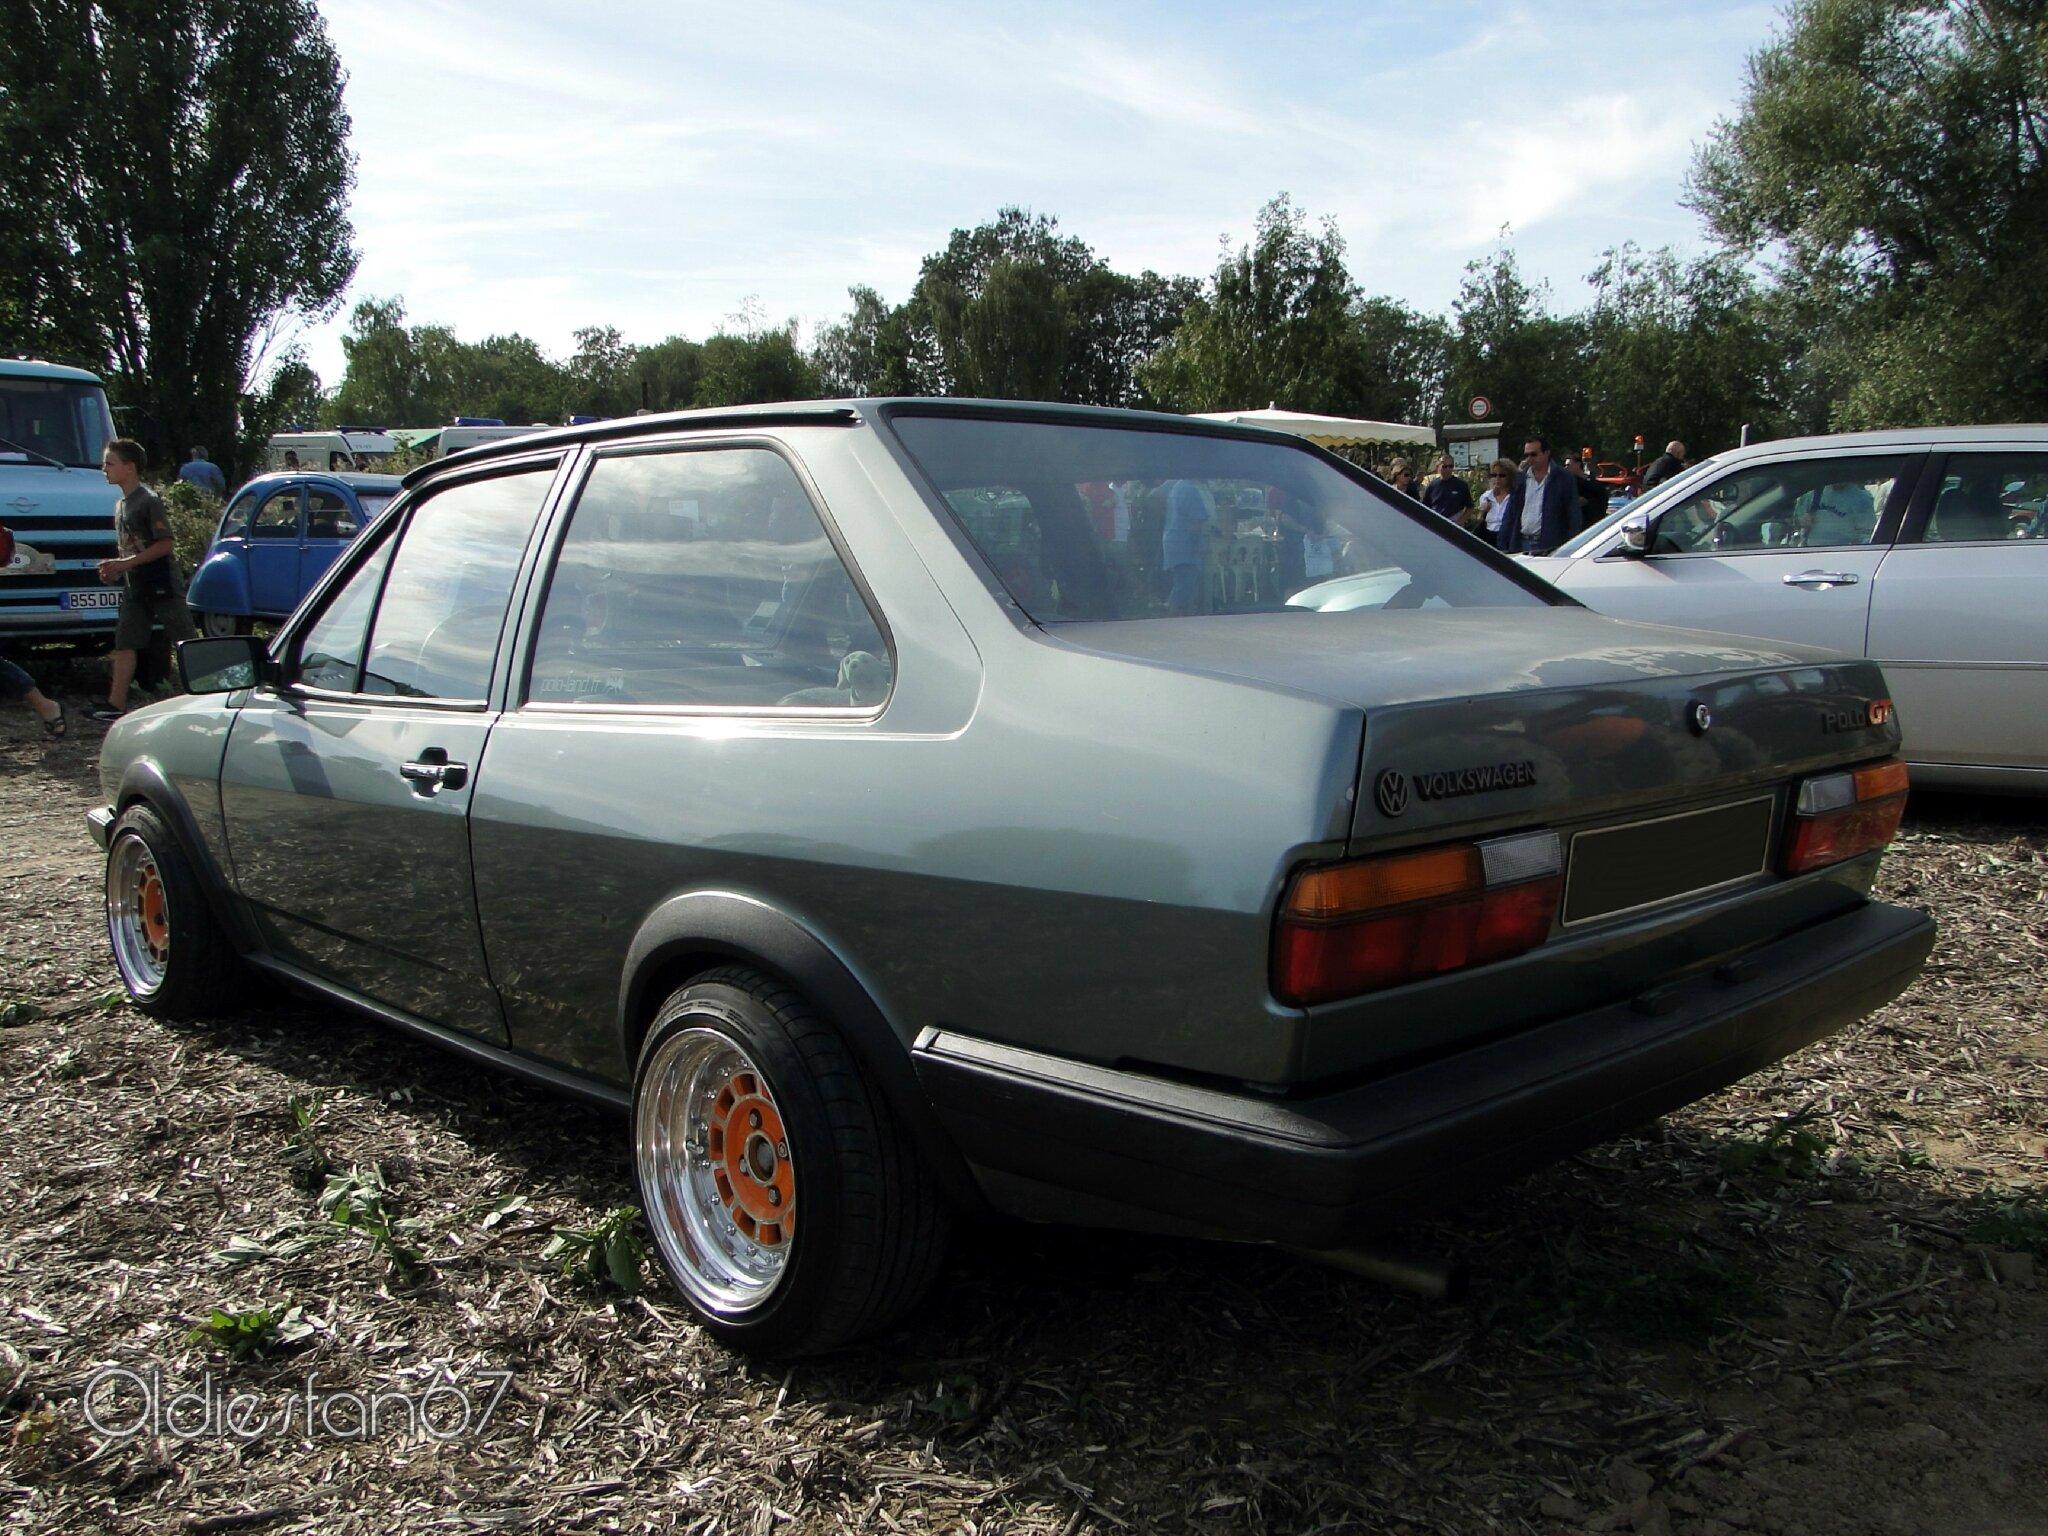 Volkswagen Polo Ii Classic Gt 1986 Oldiesfan67 Quot Mon Blog